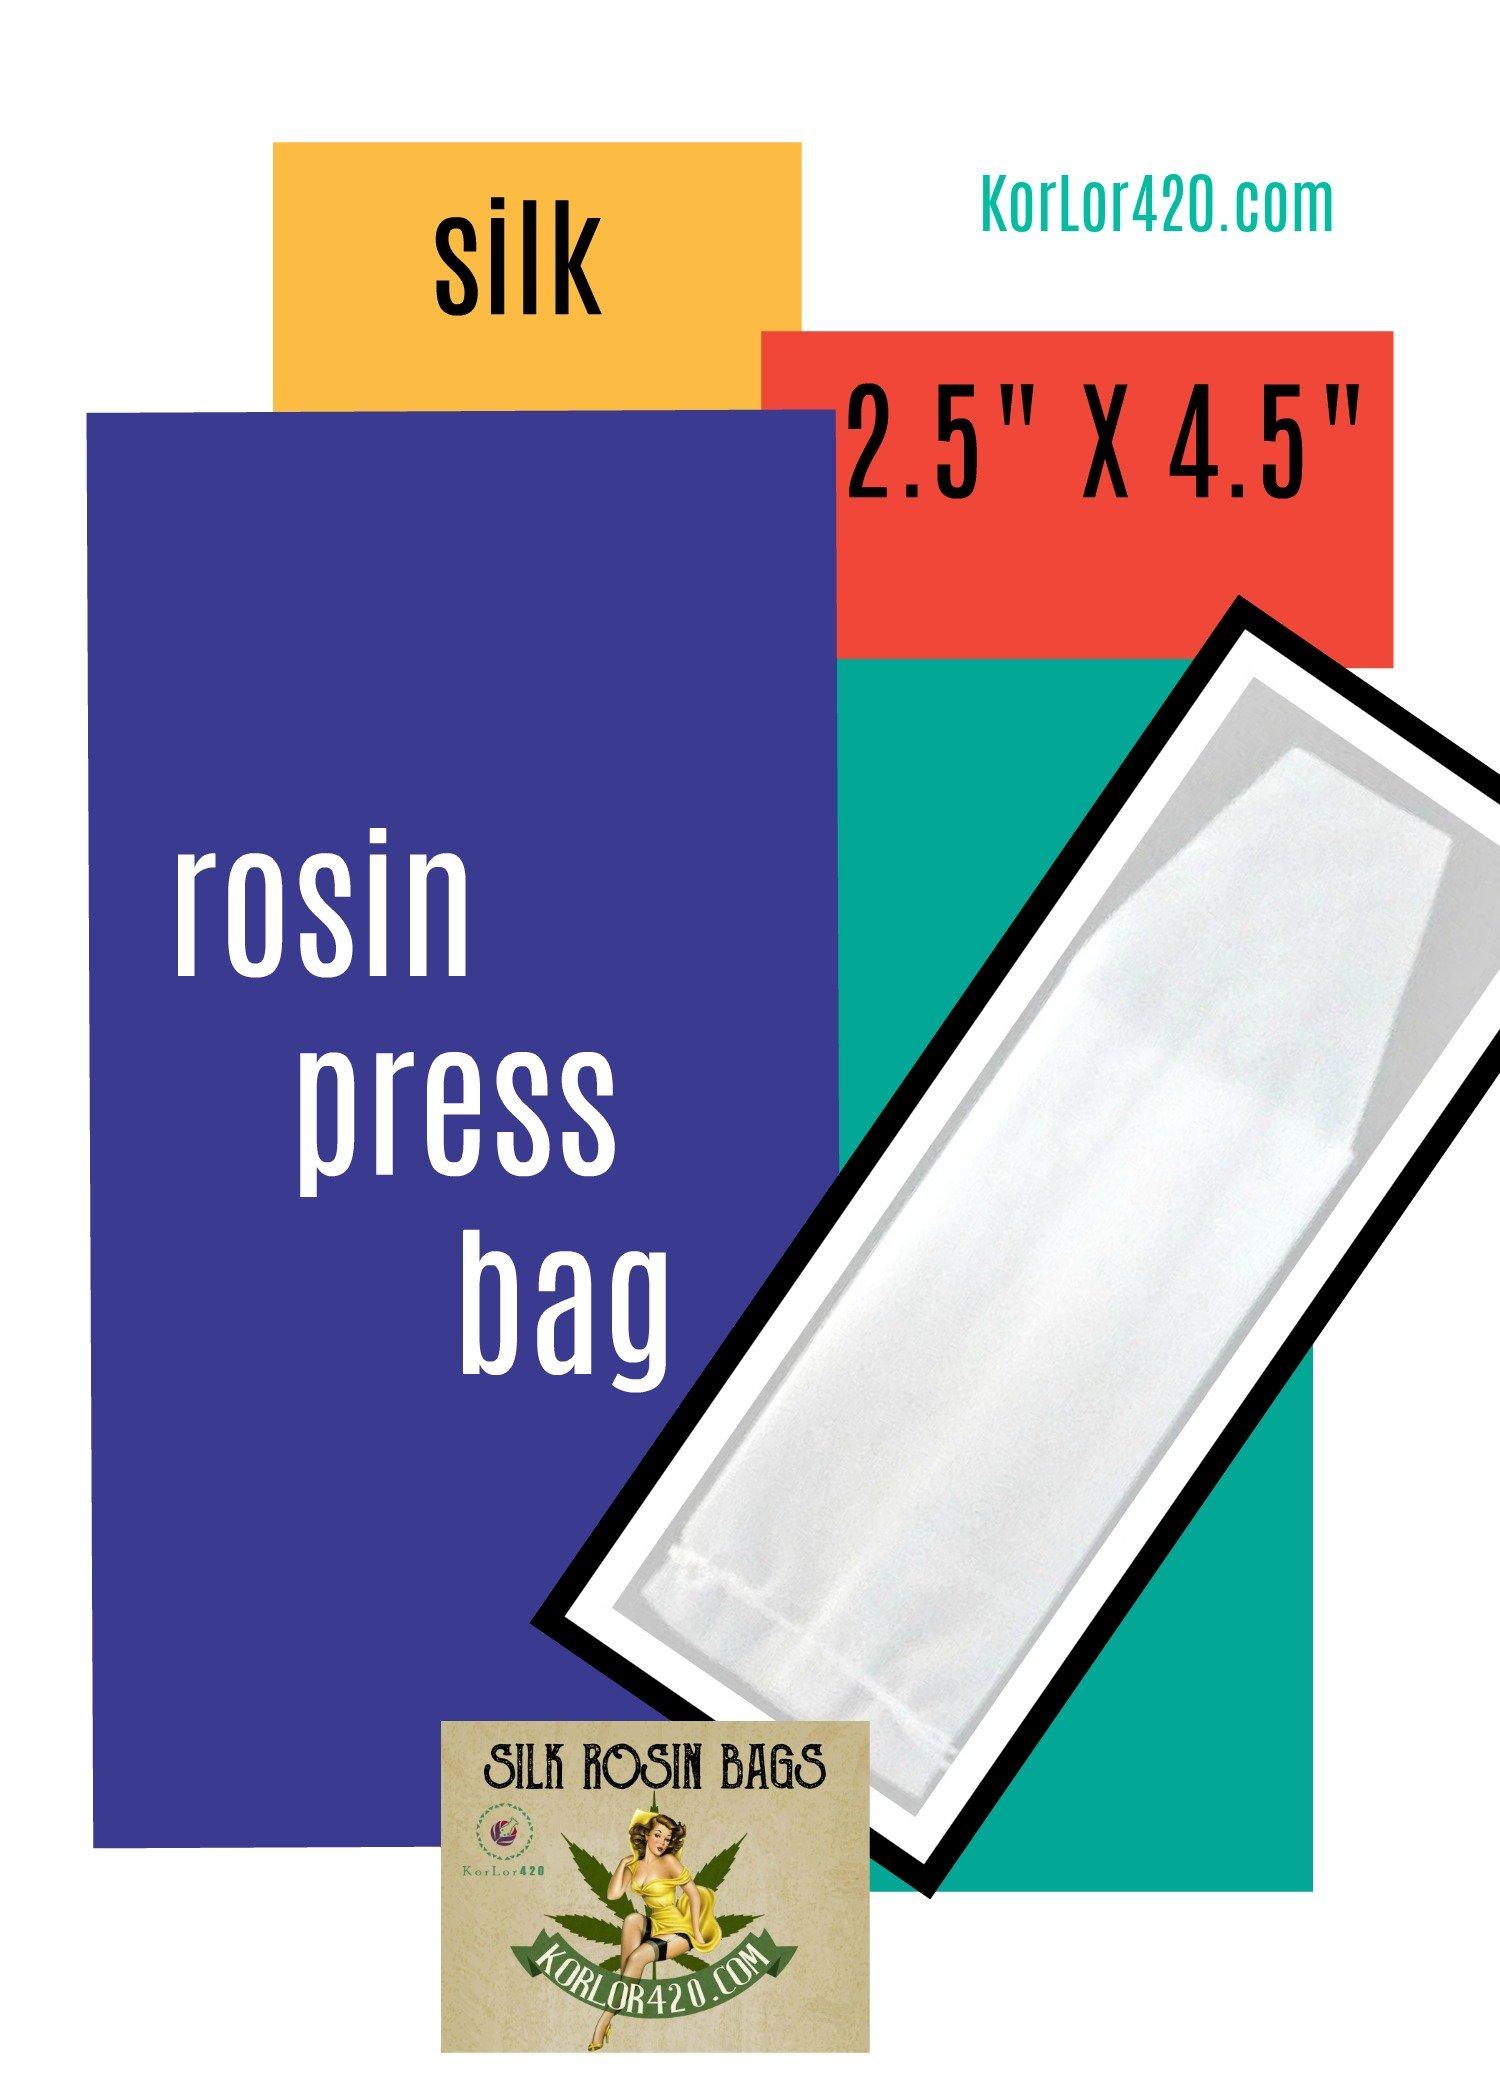 Rosin Press Bags 120 Micron 2.5 x 4.5 100% Silk & Organic 50 Bags